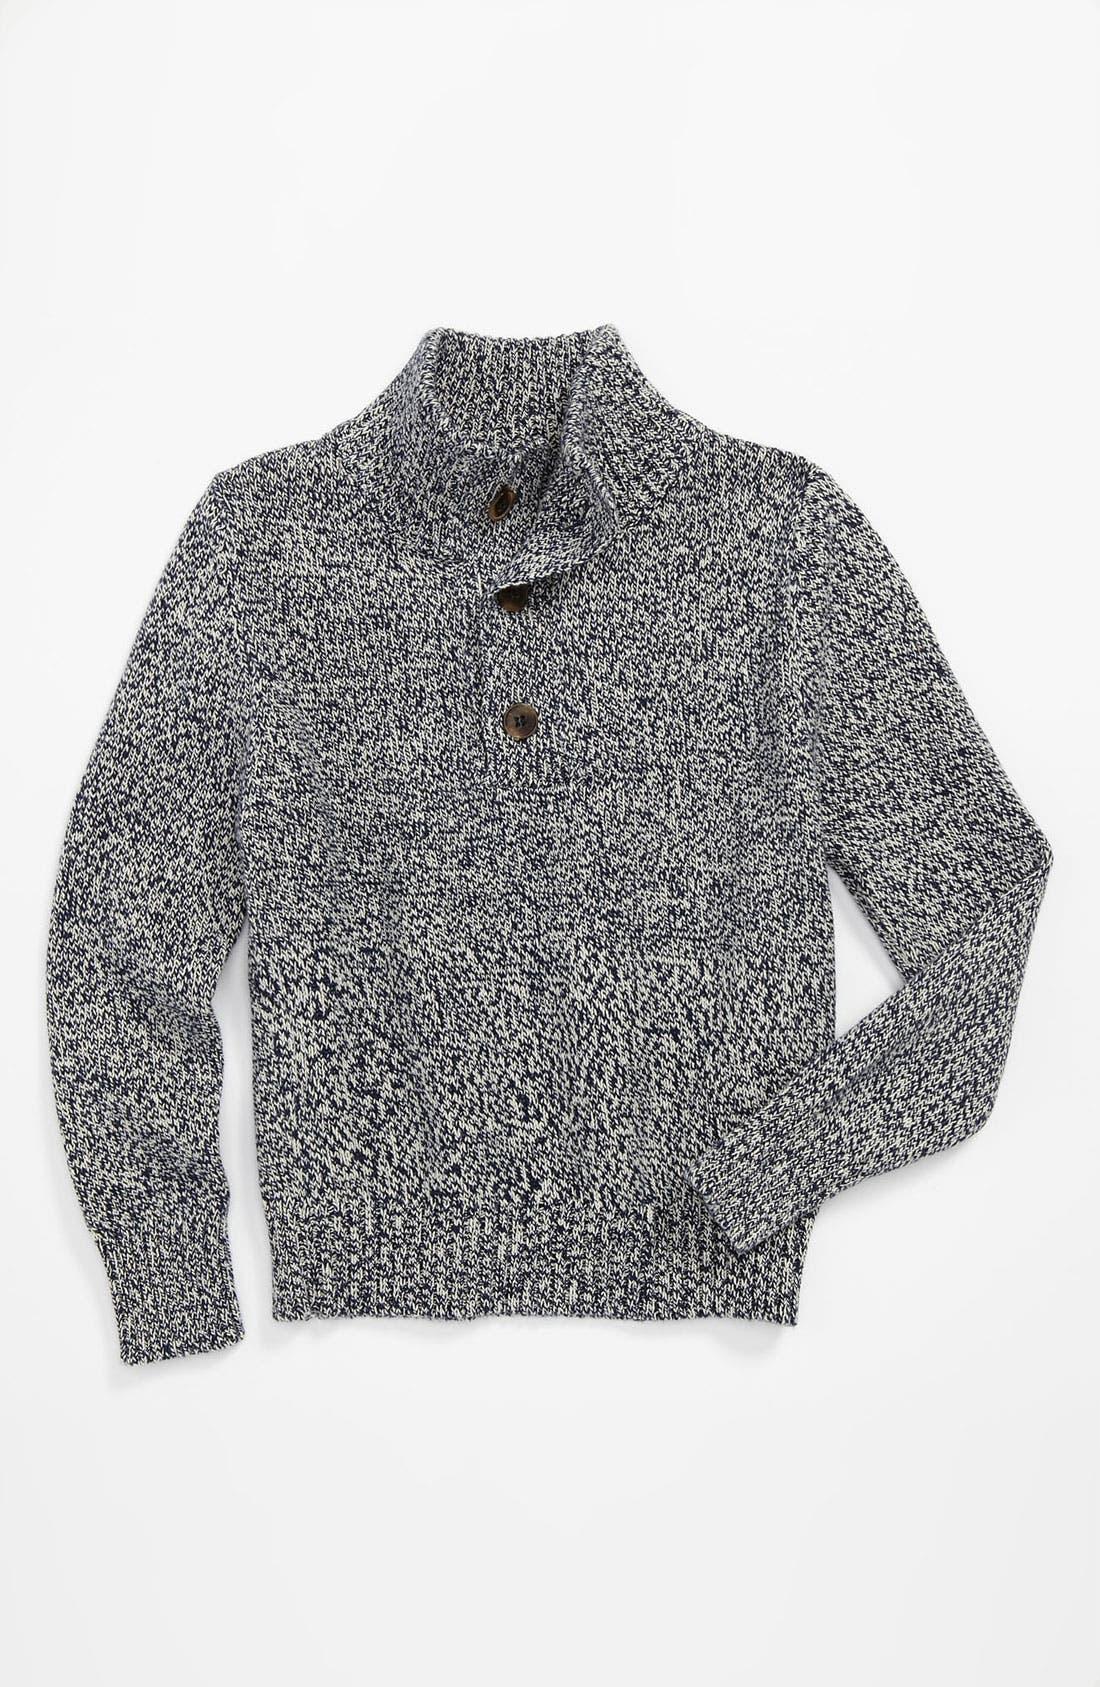 Alternate Image 1 Selected - Peek 'Nathan' Marled Mockneck Sweater (Toddler, Little Boys & Big Boys)